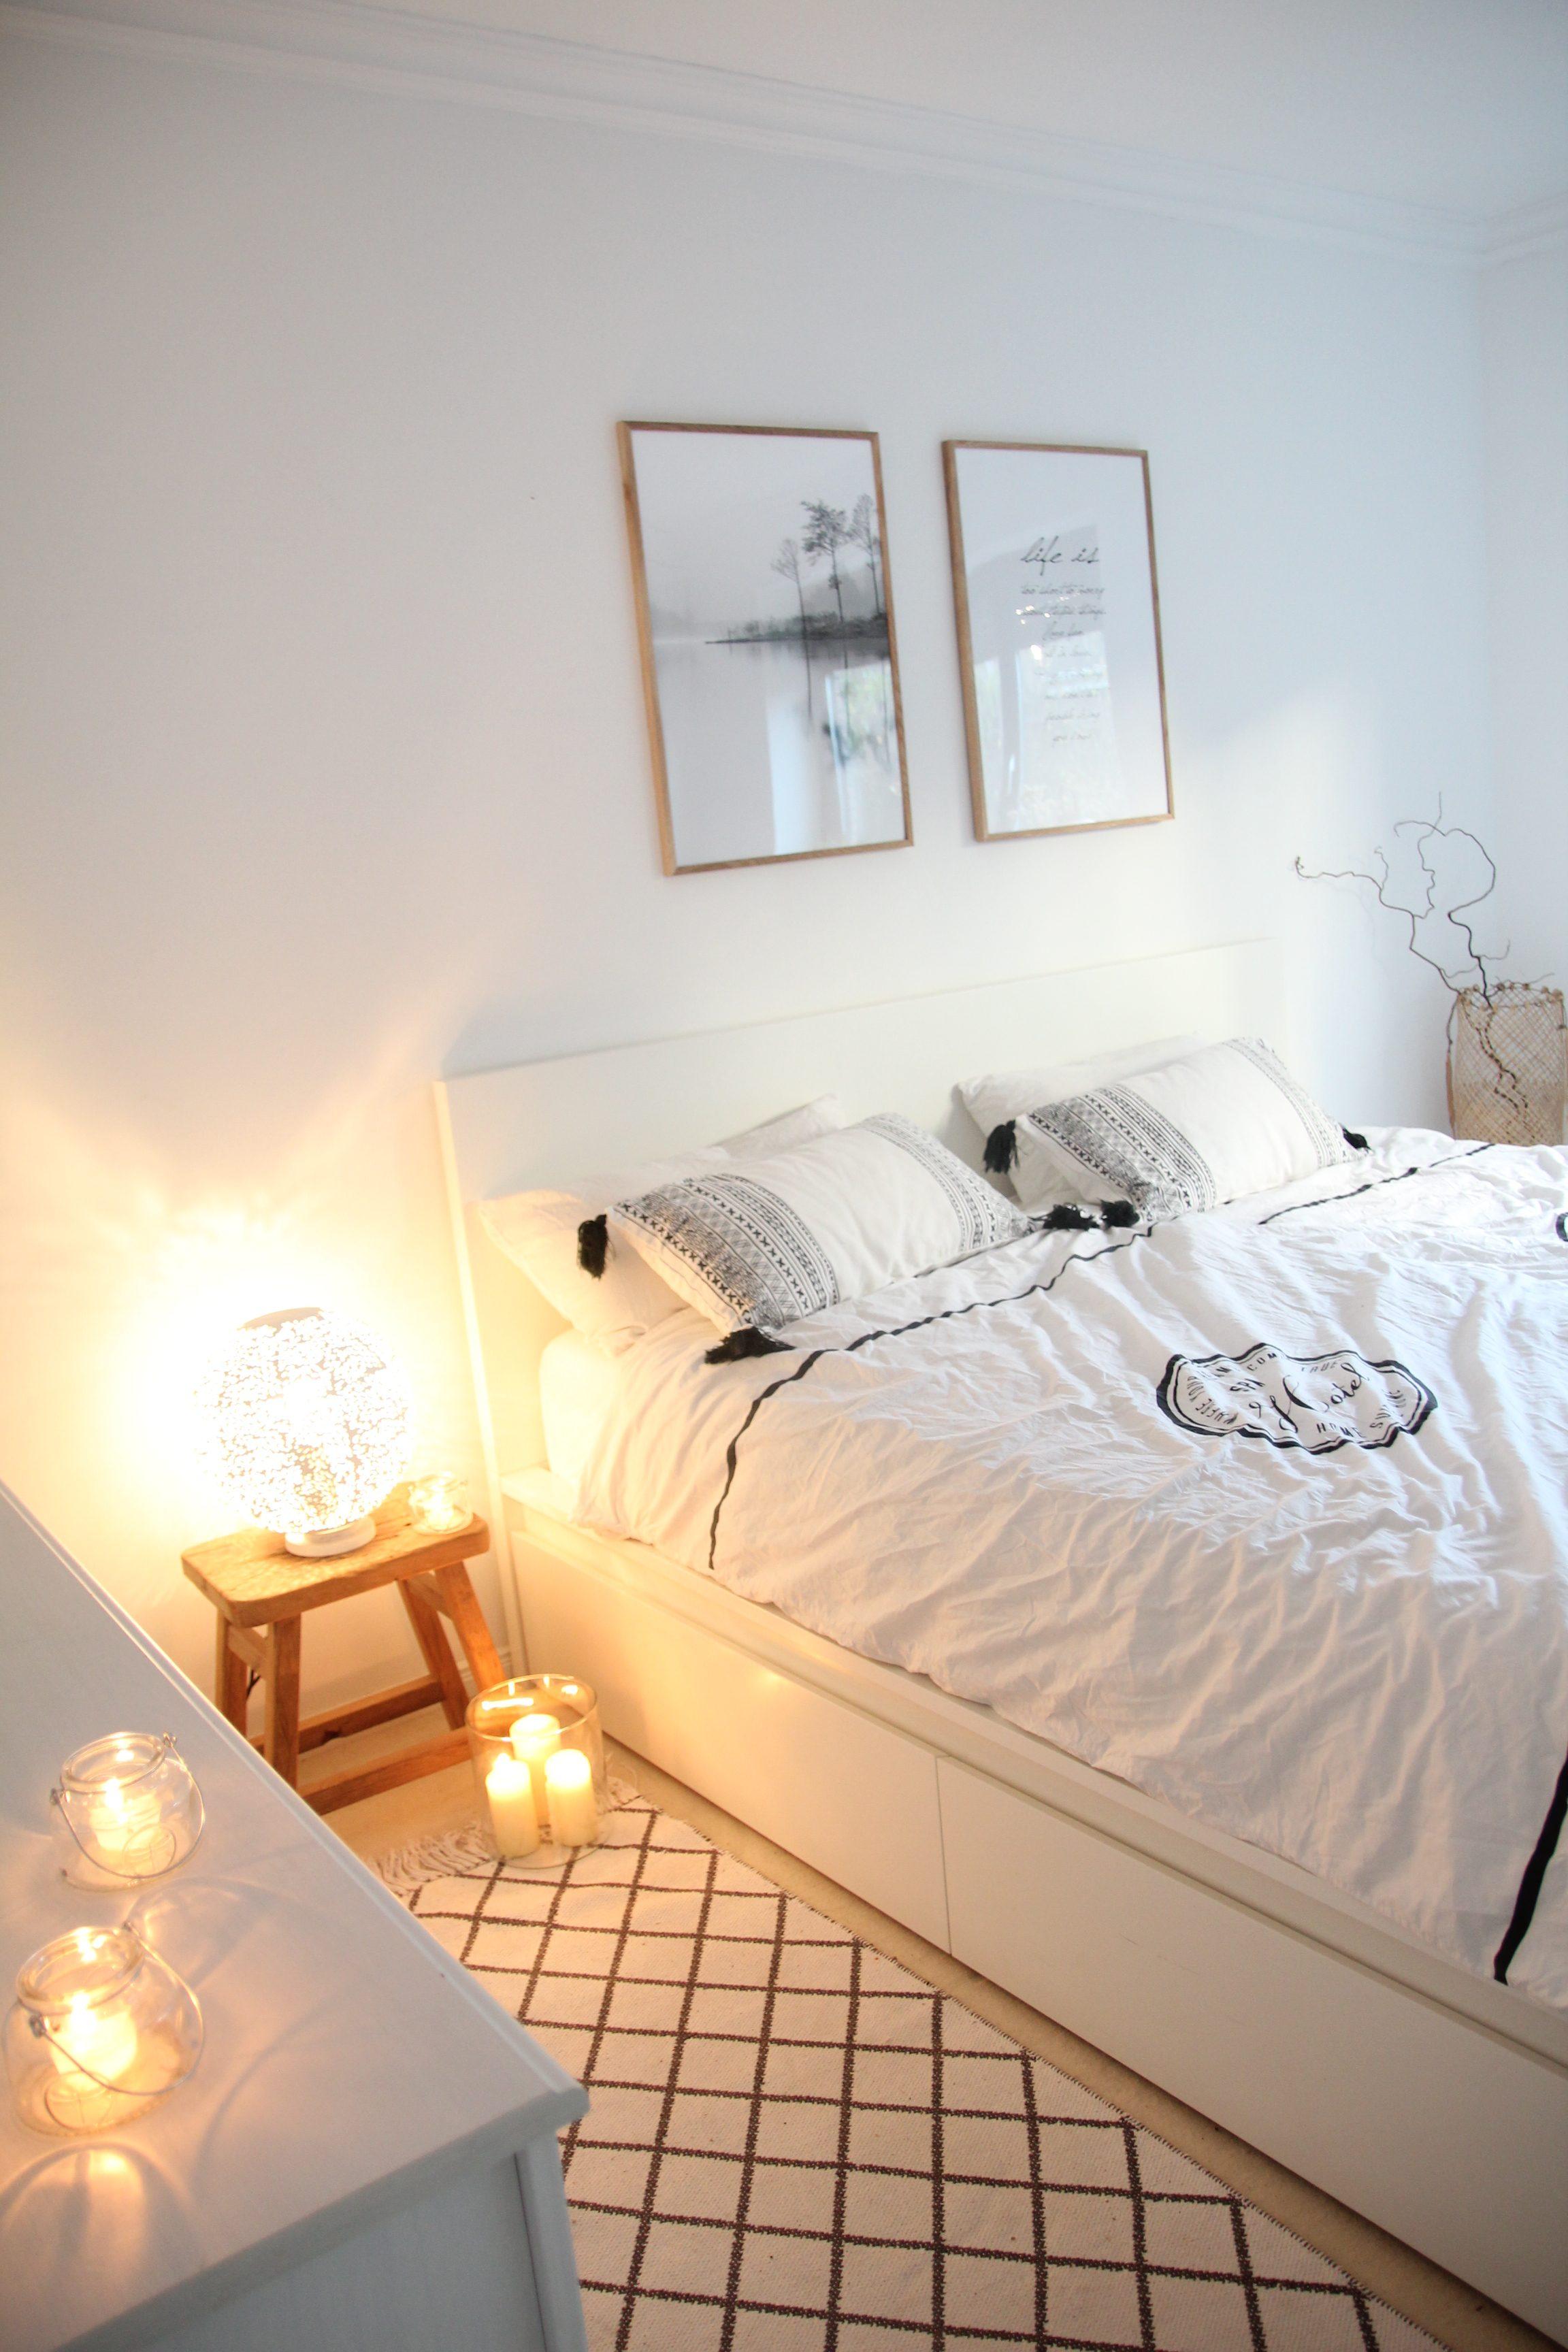 Orientalisches Flair im Schlafzimmer - DESIGN DOTS